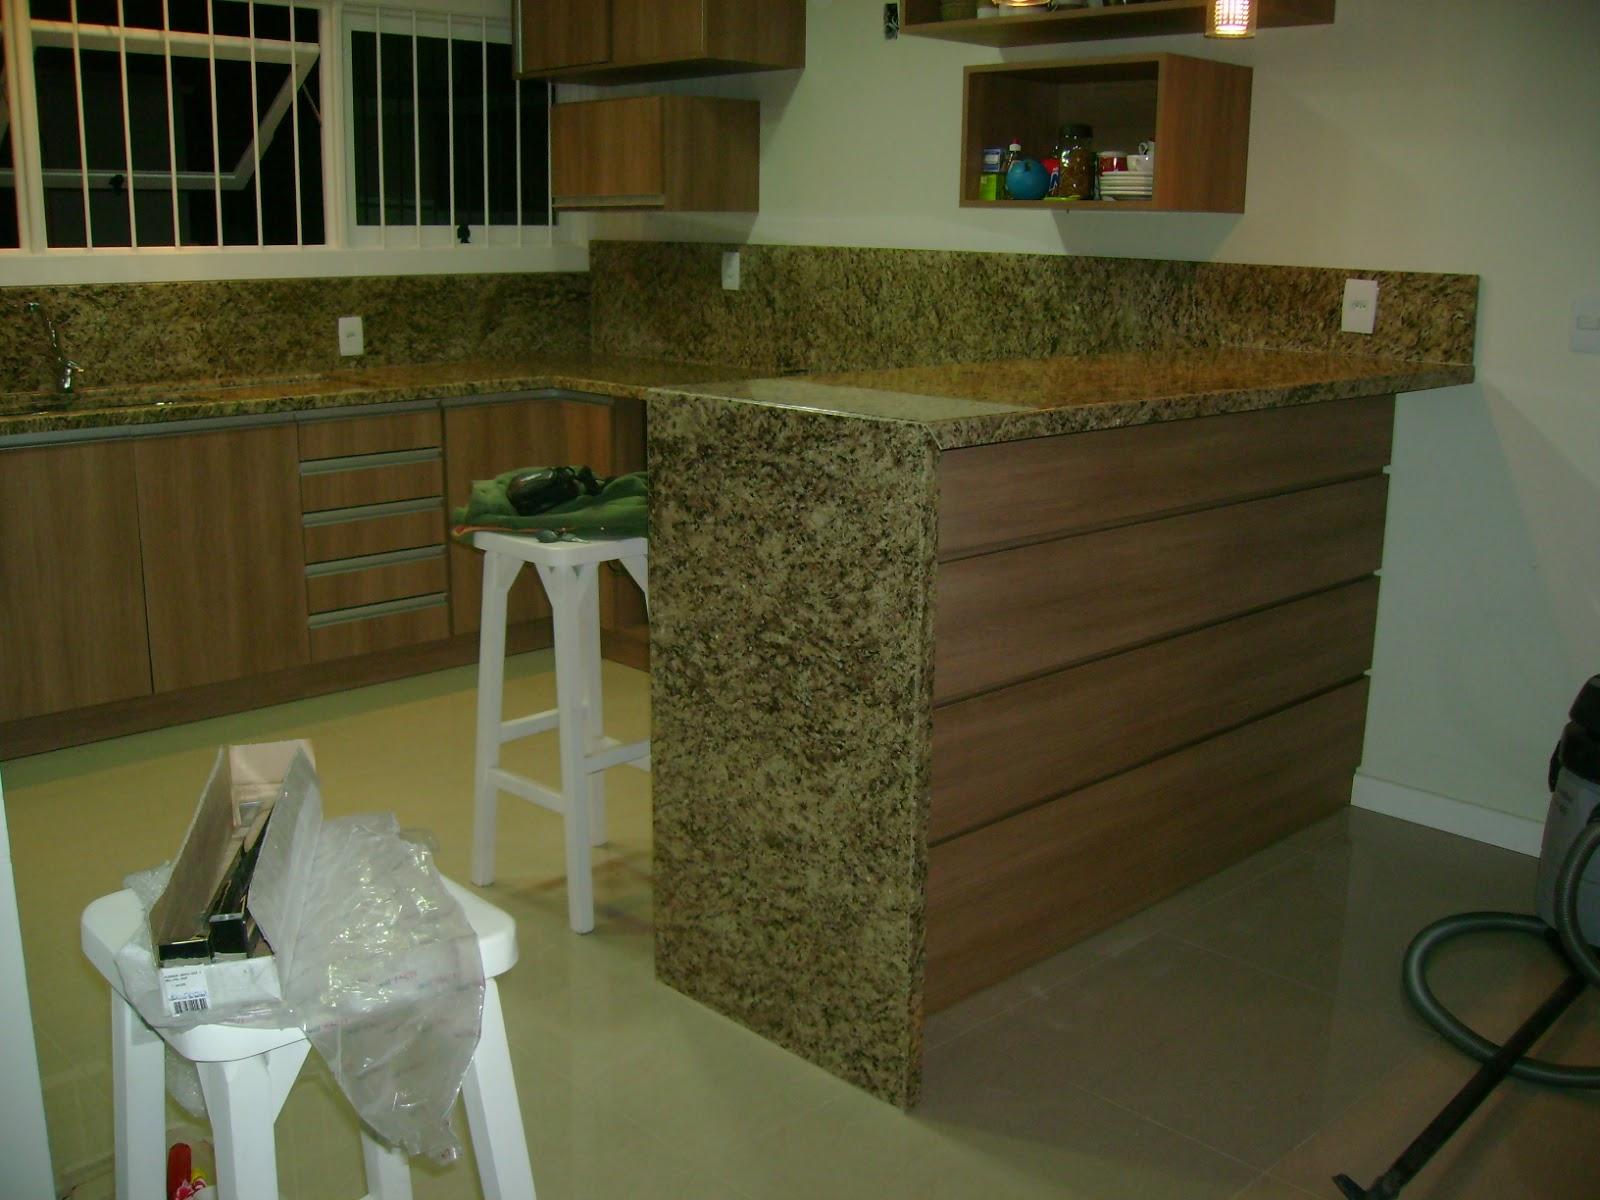 GRANITO ORNAMENTAL ESCURO ORNAMENTAL CLARO E BRANCO FORTALEZA #594924 1600x1200 Banheiro Com Granito Ornamental